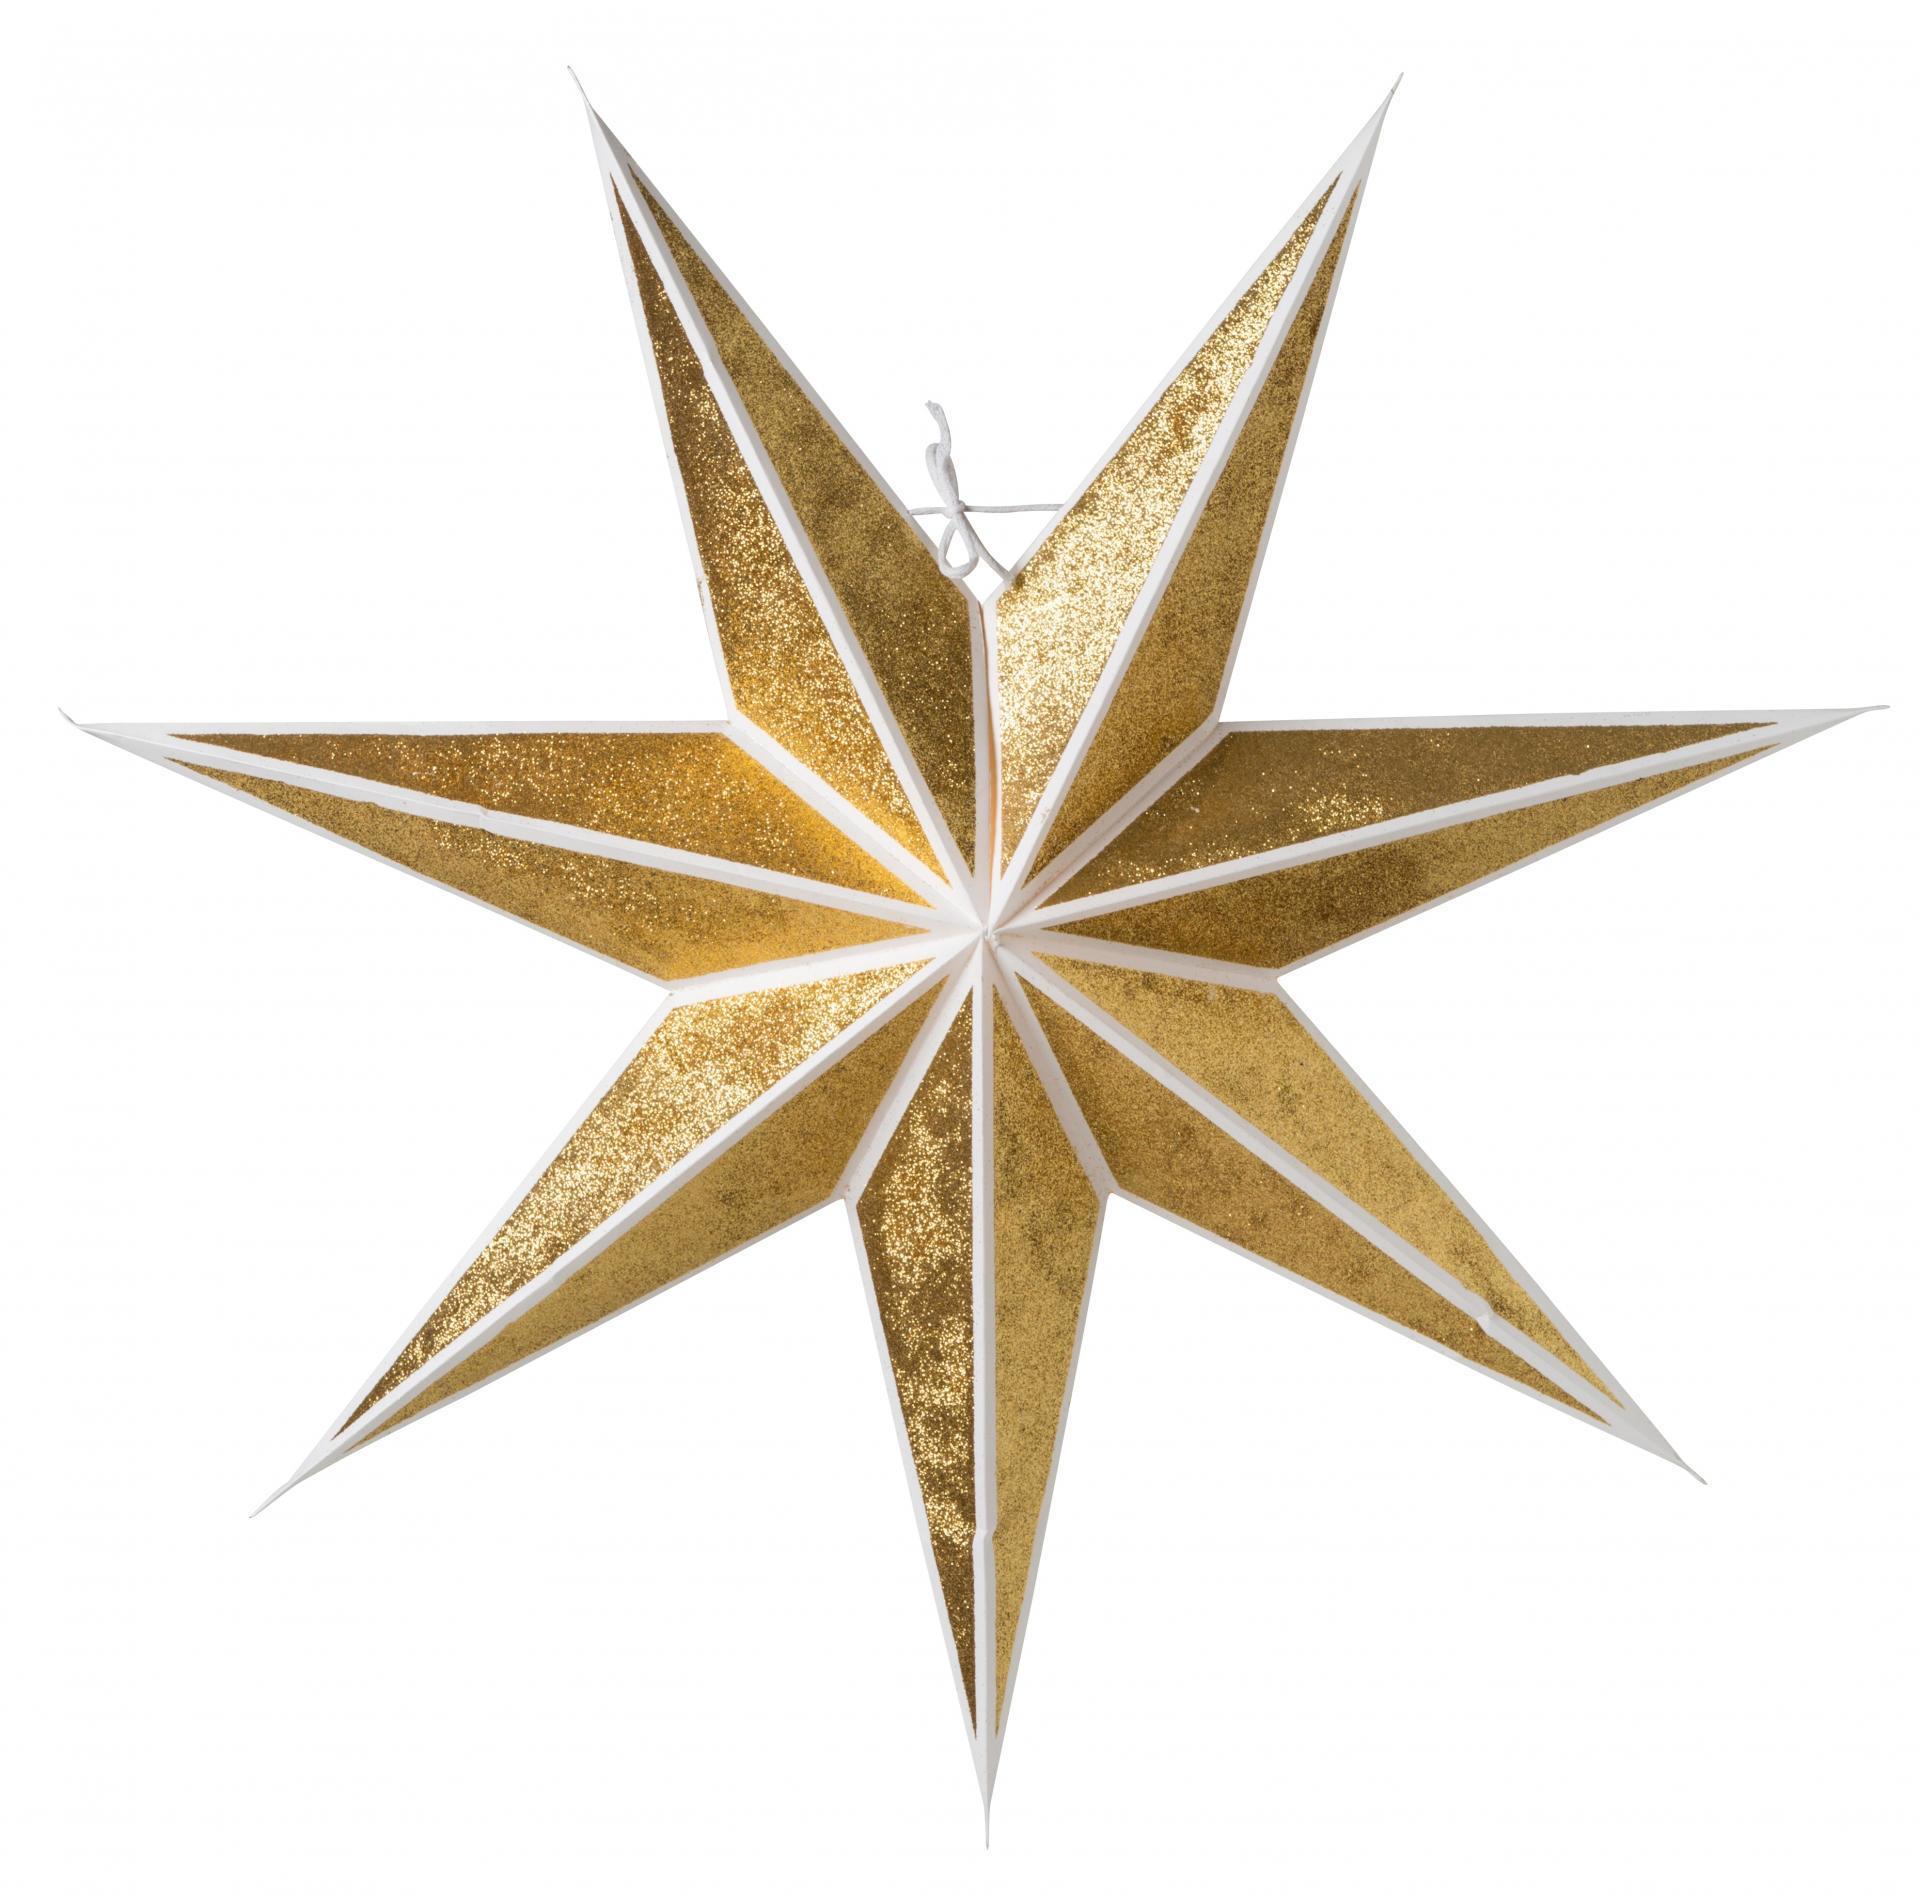 watt & VEKE Závěsná svítící hvězda Kristall Gold 60 cm, zlatá barva, papír